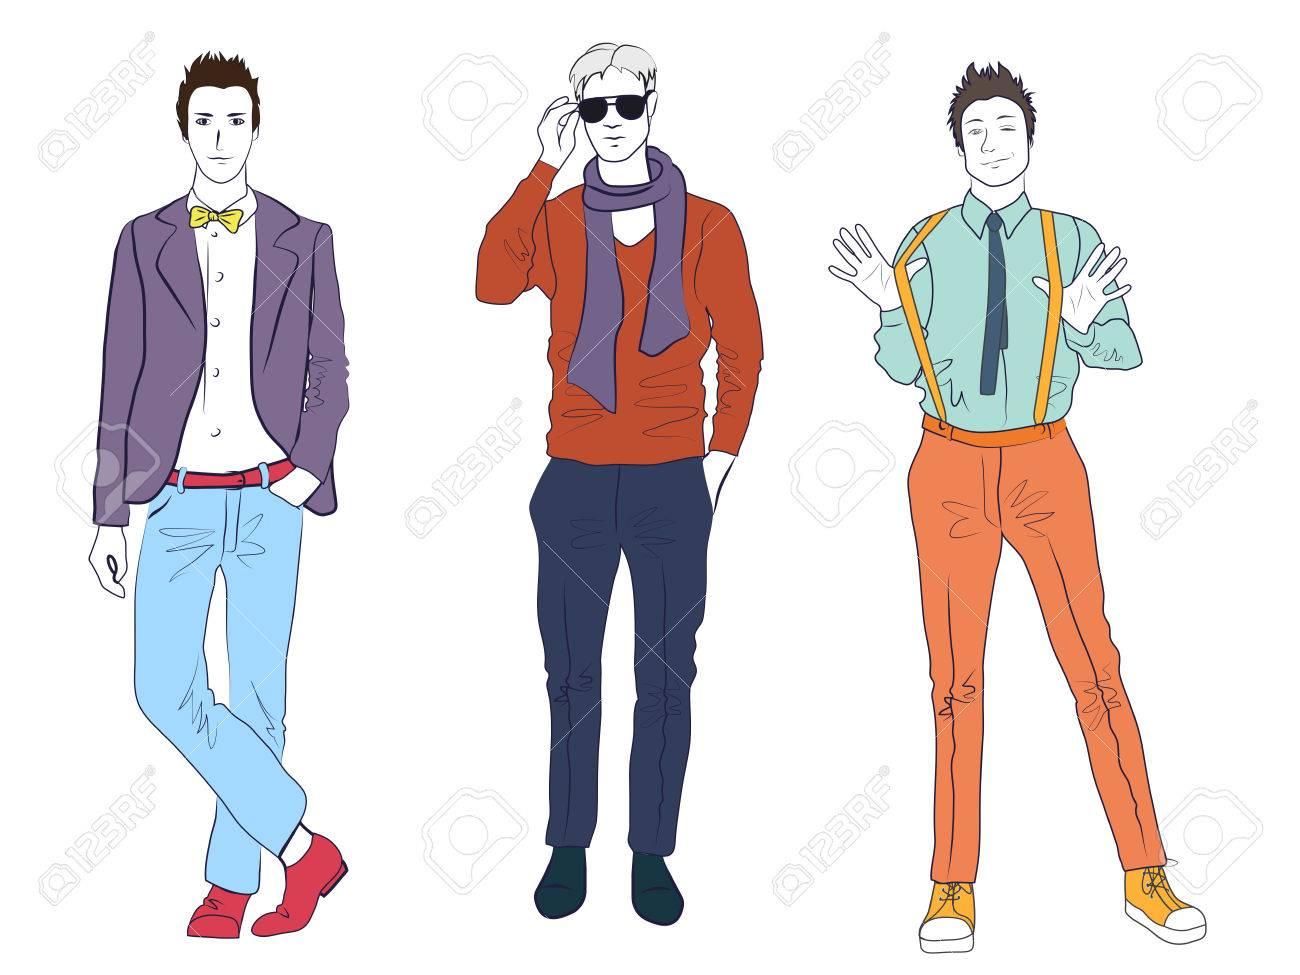 brand new 097dc eeafa Handsome giovani uomini modelli da uomo in vestiti casuali moda moderni  isolati. Piatti schizzo linea uomo persone impostare